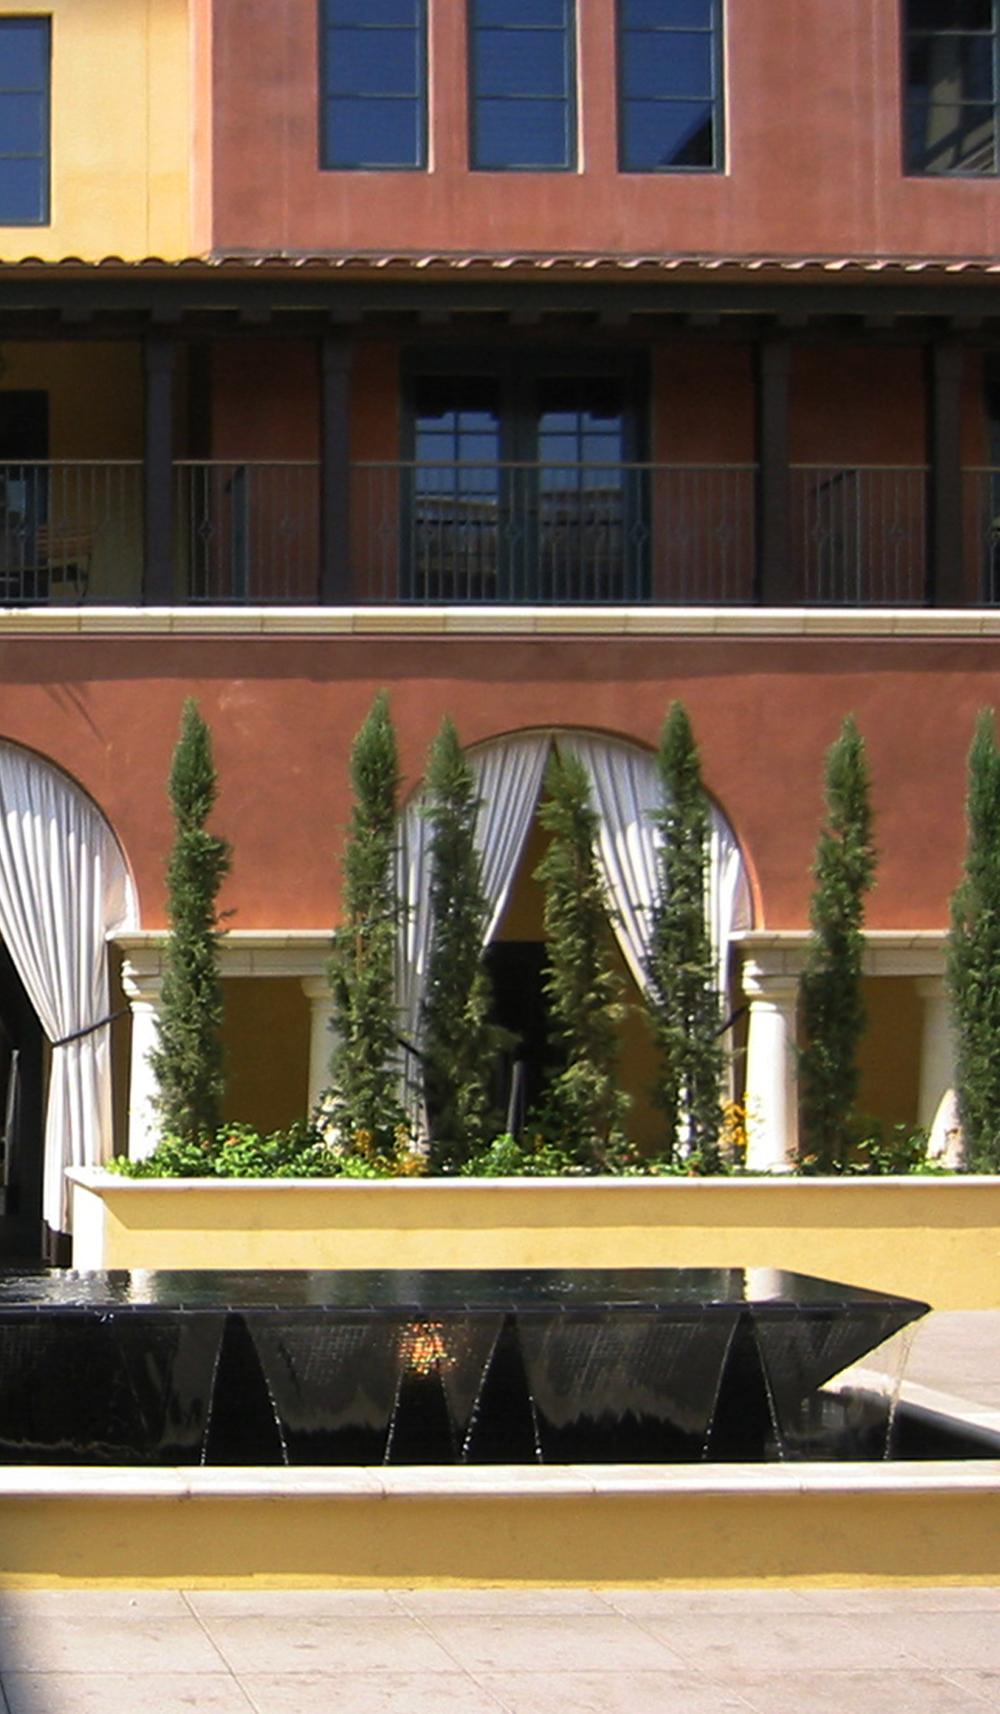 Hotel Valencia Santana Row San Jose, CA